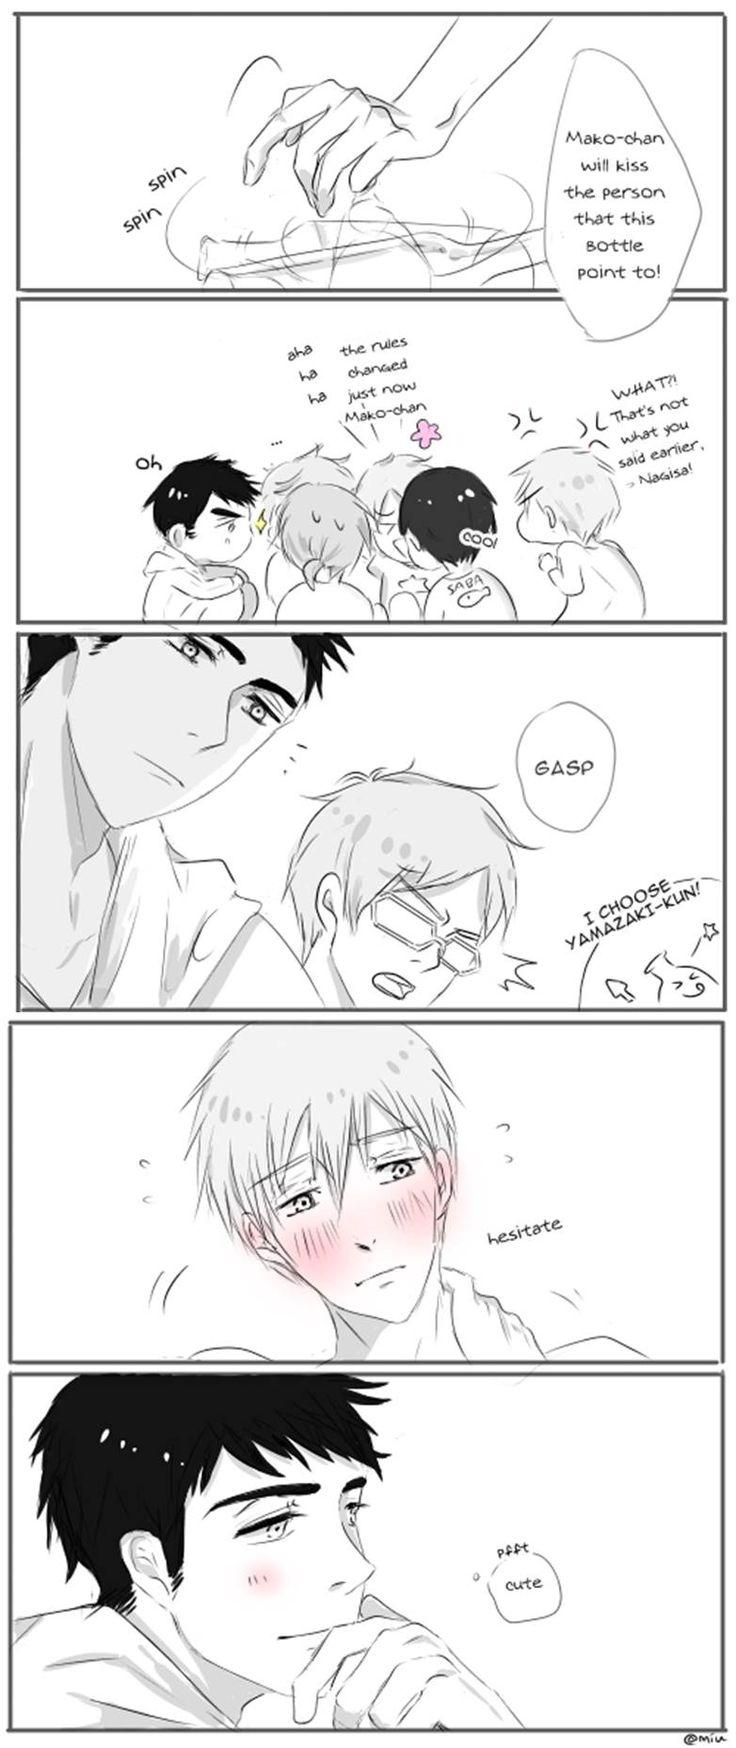 Sousuke x Makoto - just kiss him